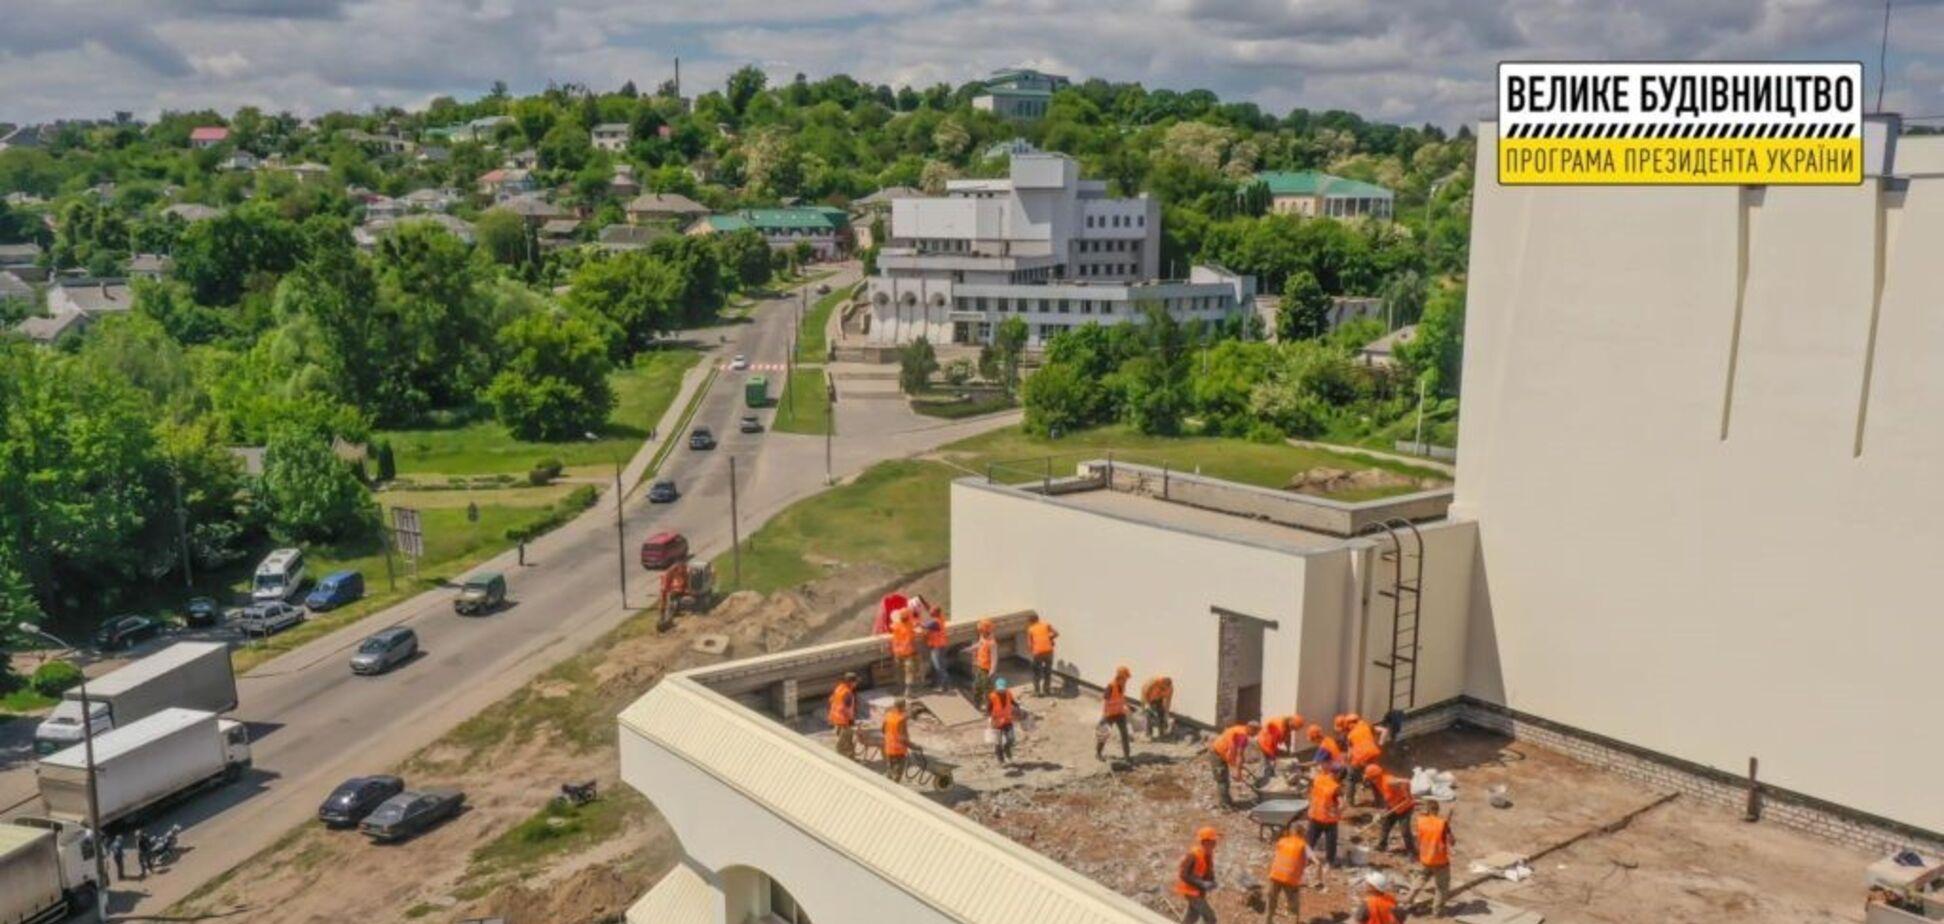 На Черкащині підготували перелік інфраструктурних проєктів на наступний рік для програми 'Велике будівництво'